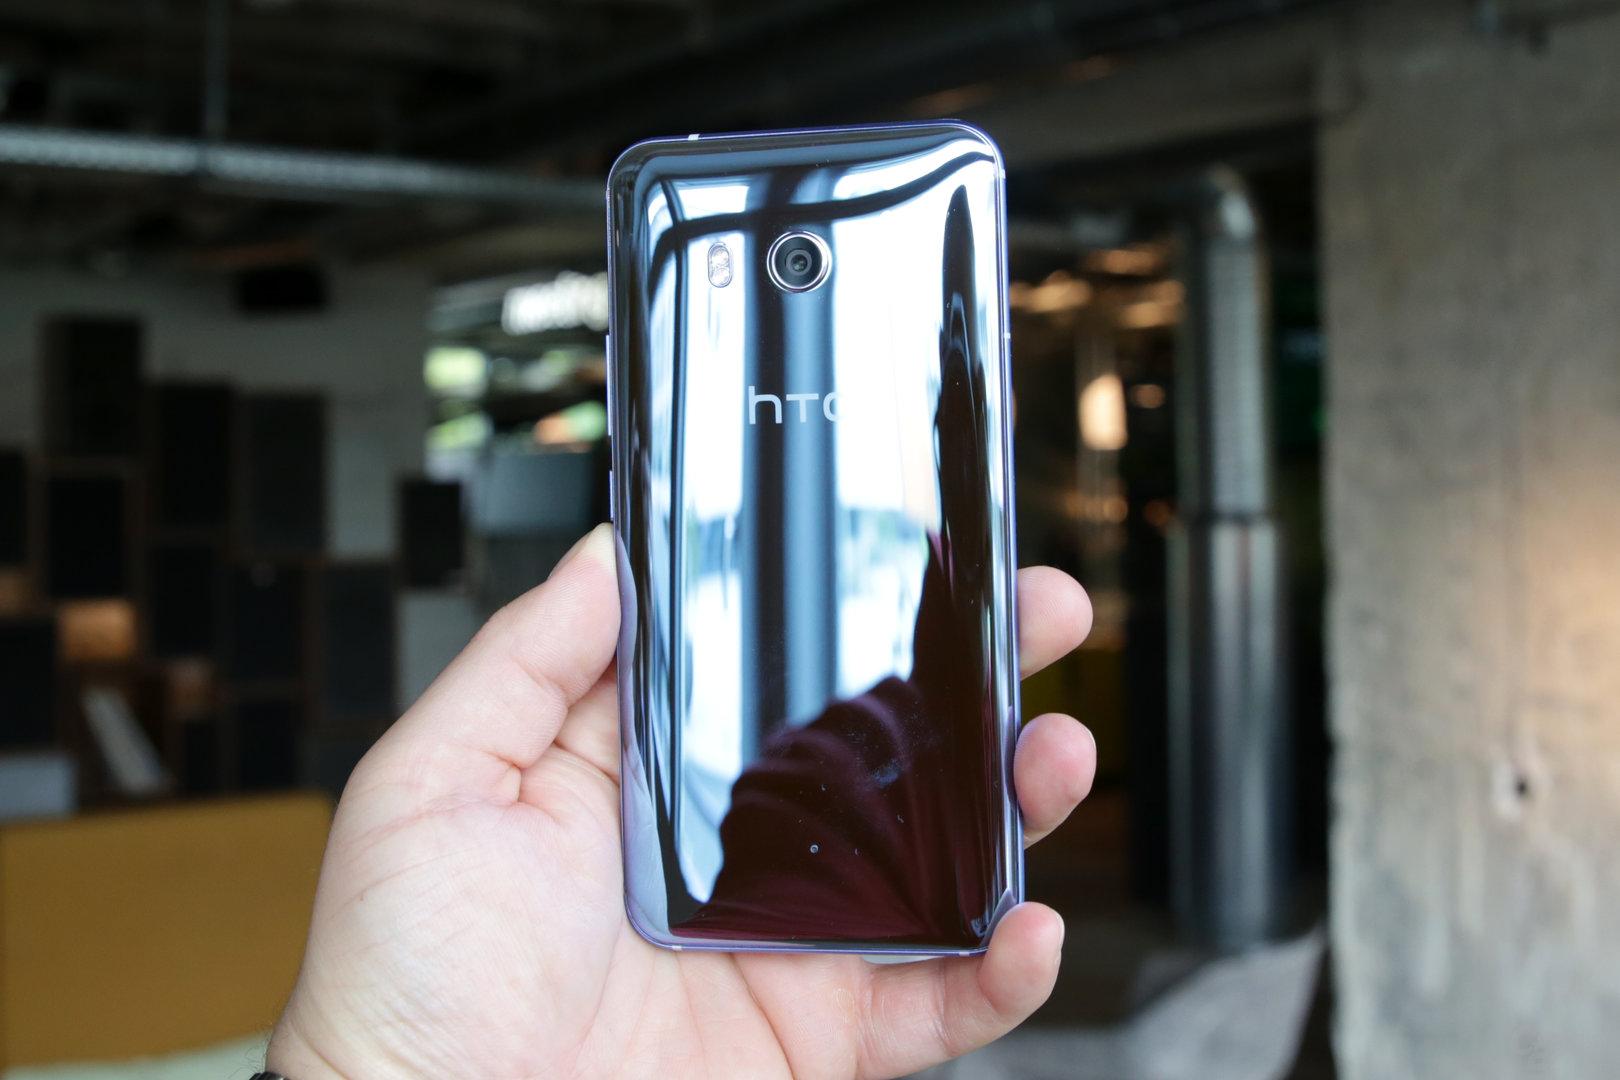 Silber ist die neue Farbe im Sortiment von HTC